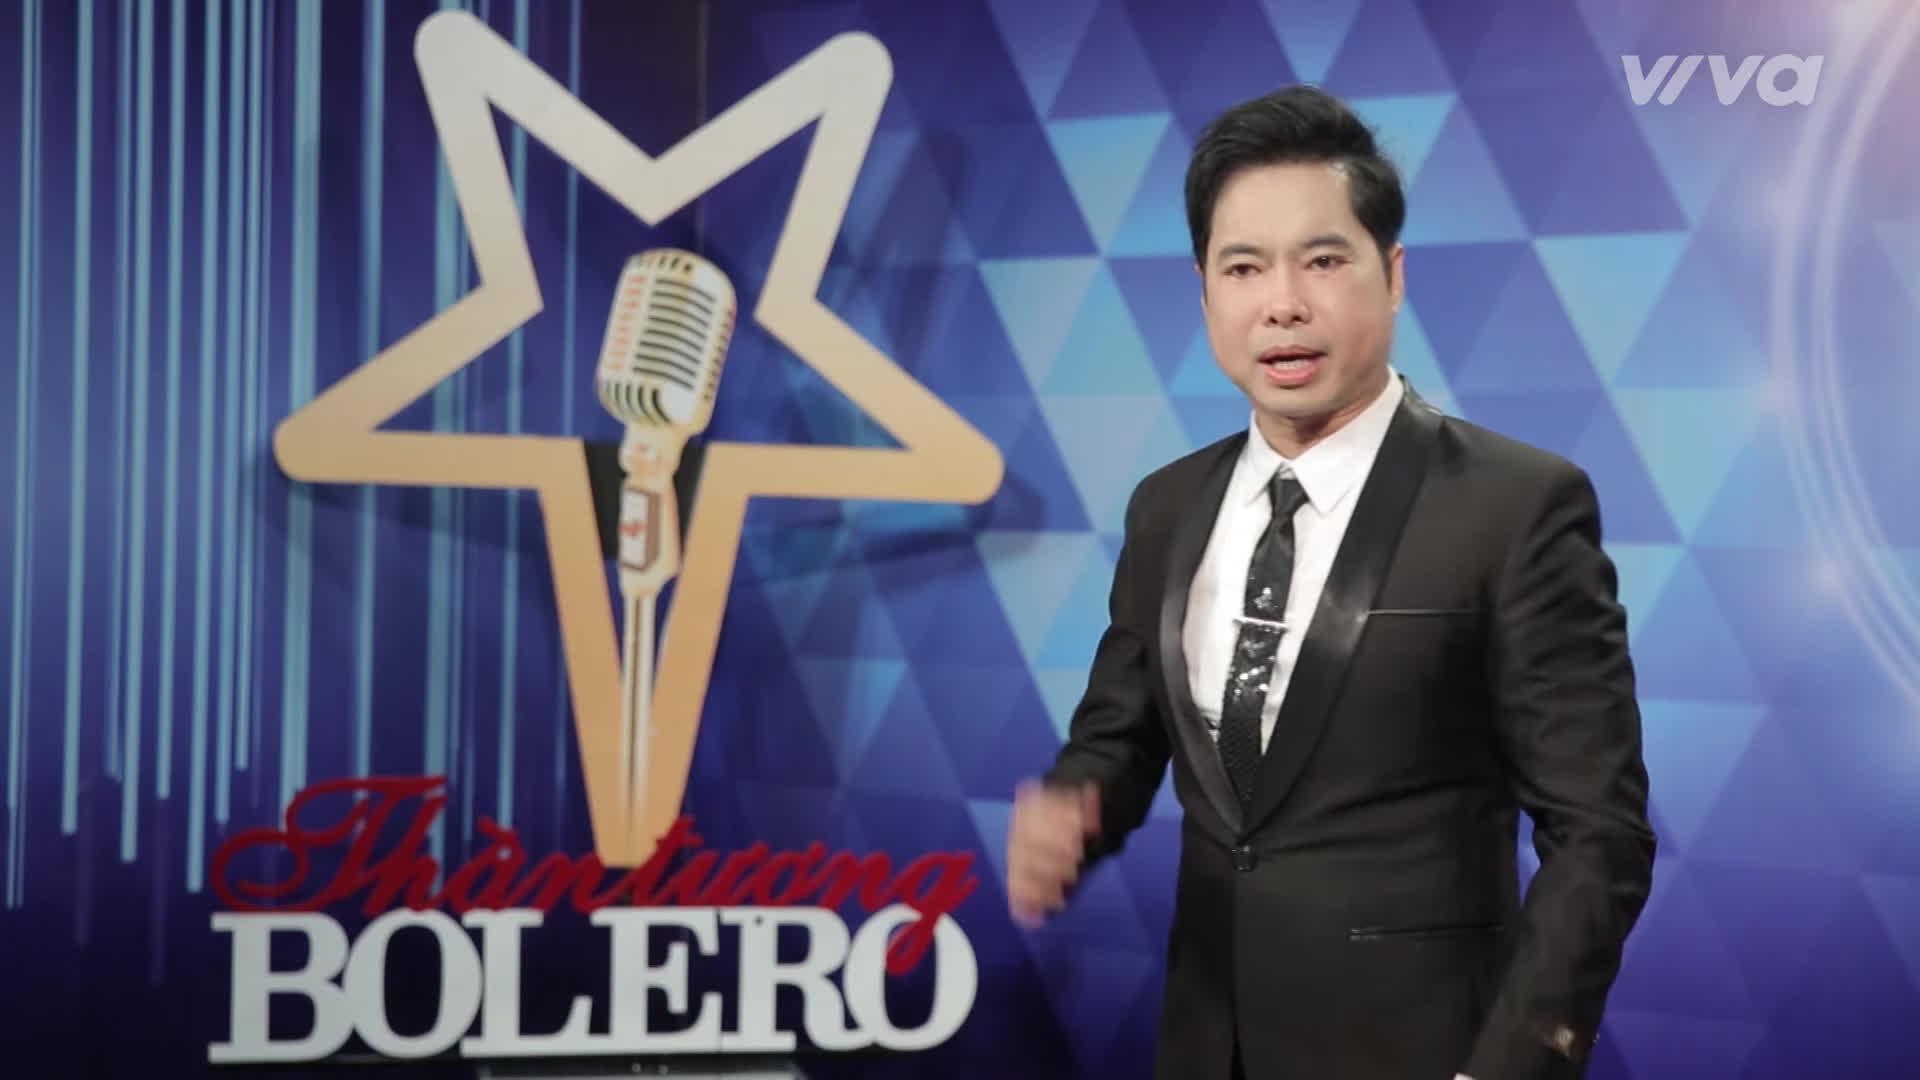 Cười đau ruột khi bộ tứ HLV Thần tượng Bolero trả lời phỏng vấn